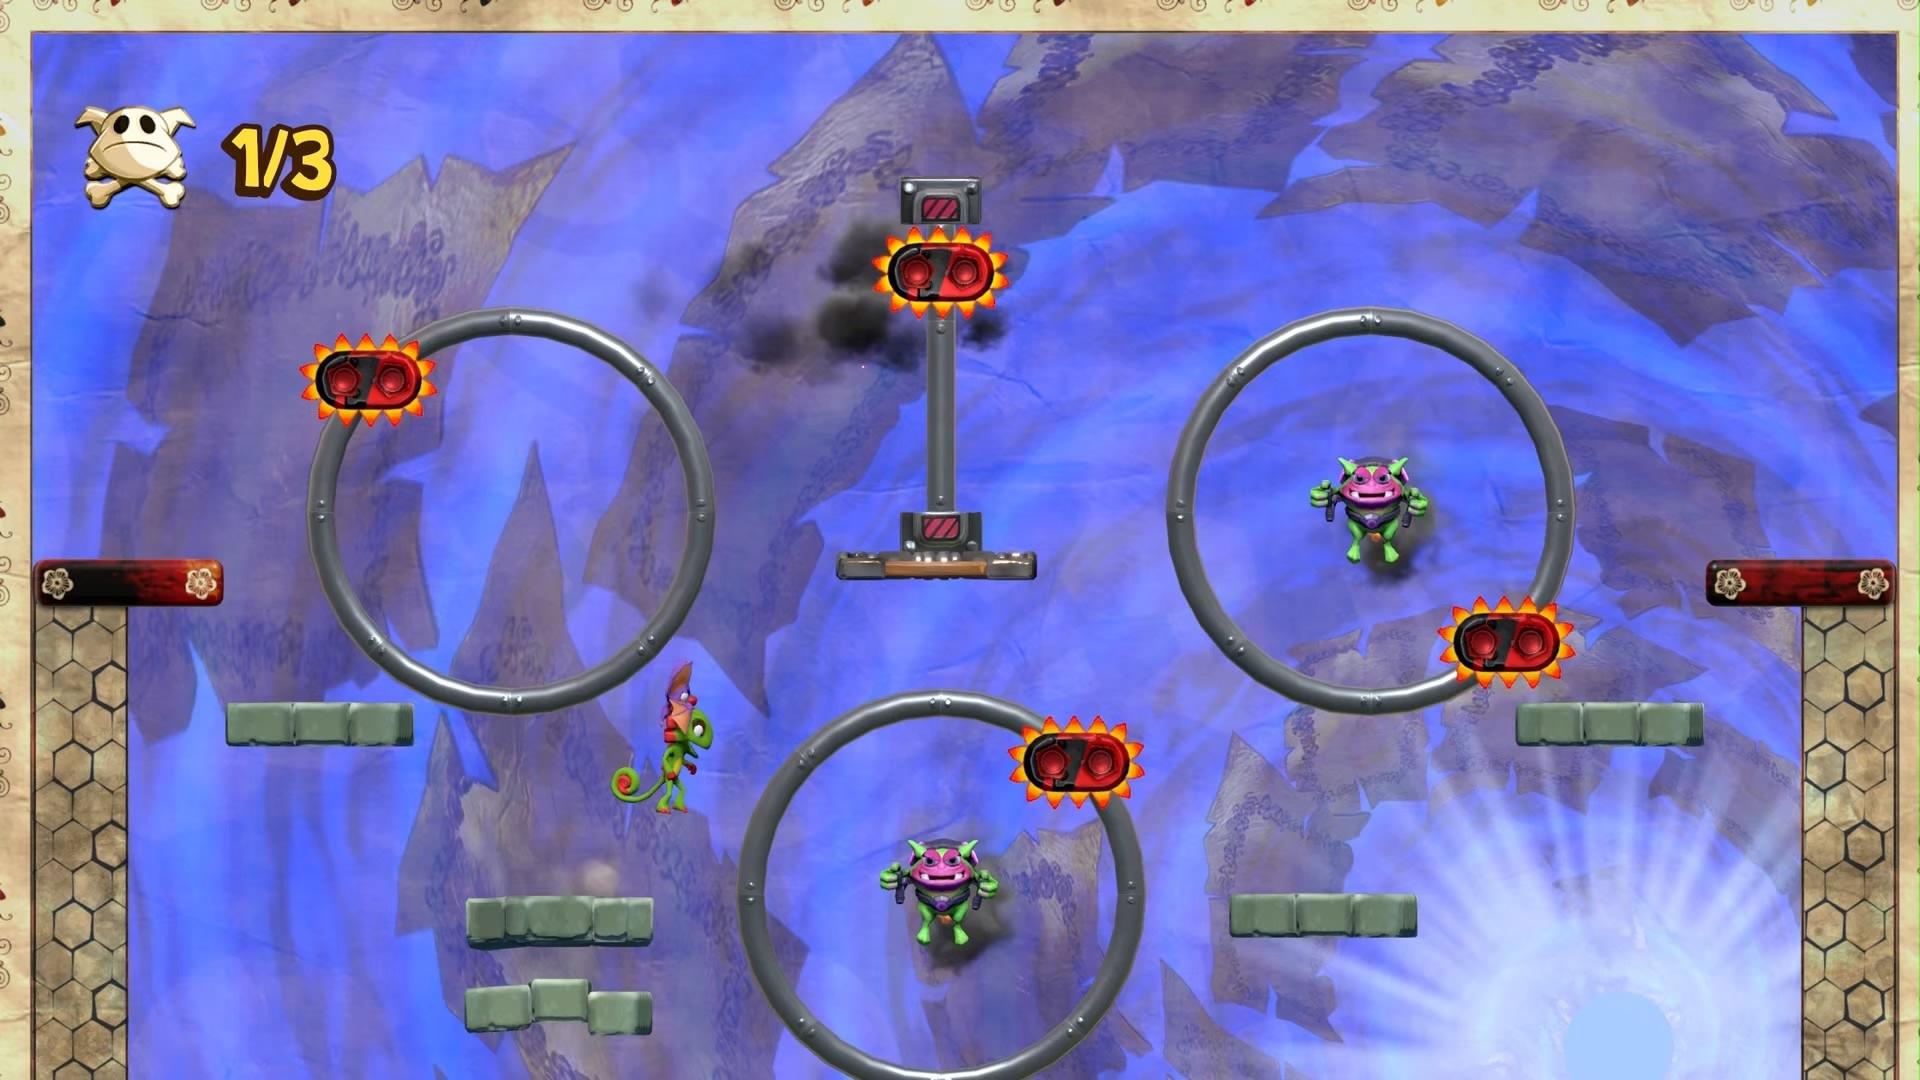 インポッシブル迷宮® 砂漠エリア-1